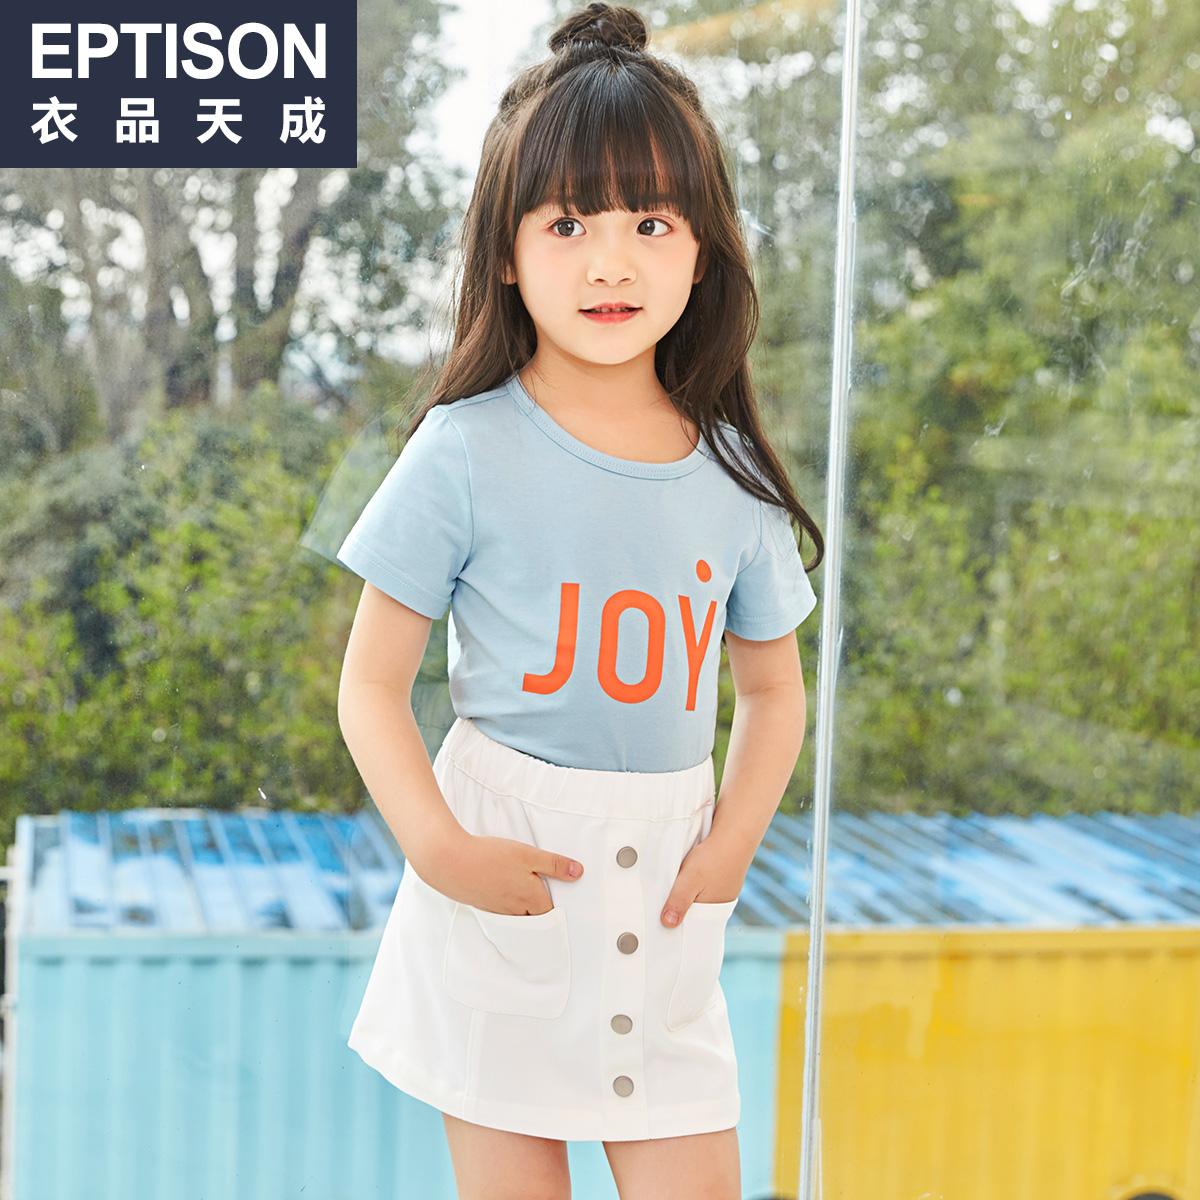 衣品天成童装夏装新款女童包臀短裙子中大儿童学生时尚休闲半身裙